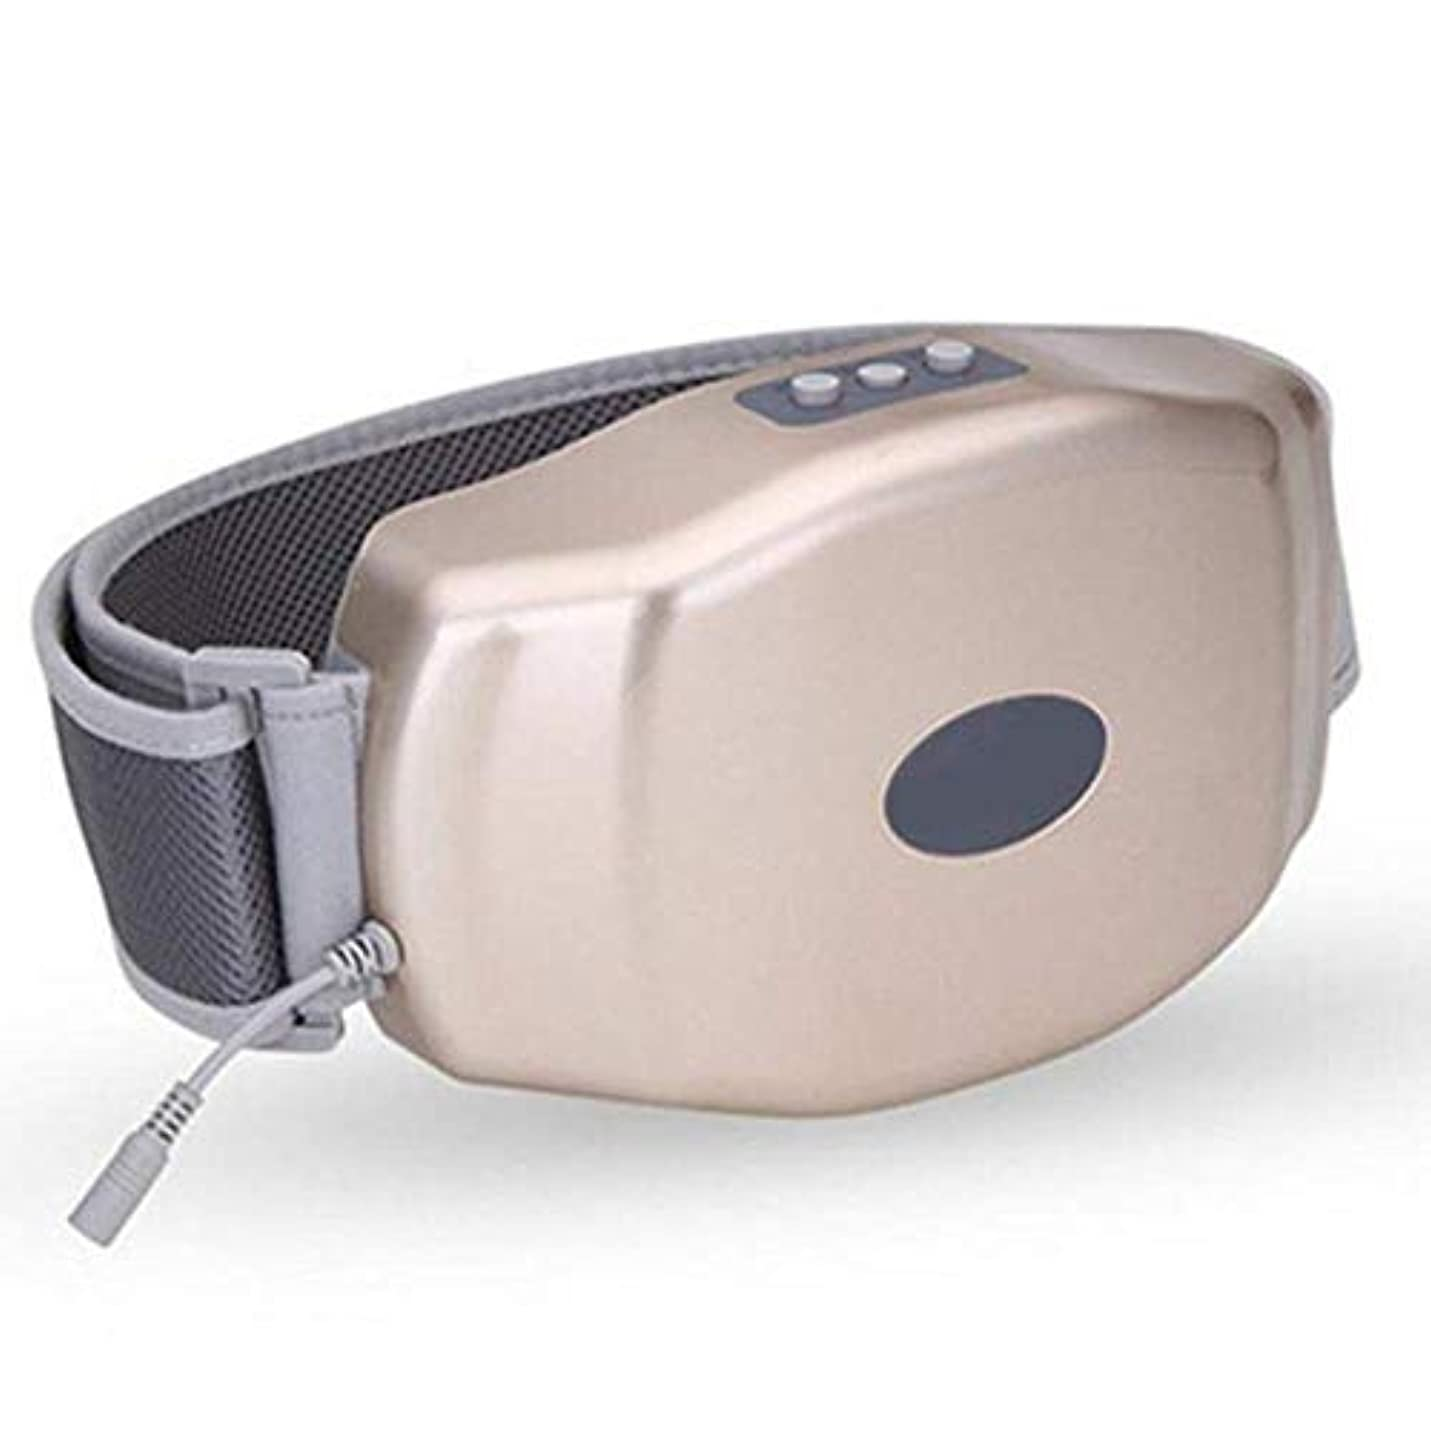 属する議題悲惨痩身ベルト/電気振動マッサージ機は重量を燃焼脂肪/ボディシェイパートレーニングを失う完璧なボディを整形脂肪を減らす